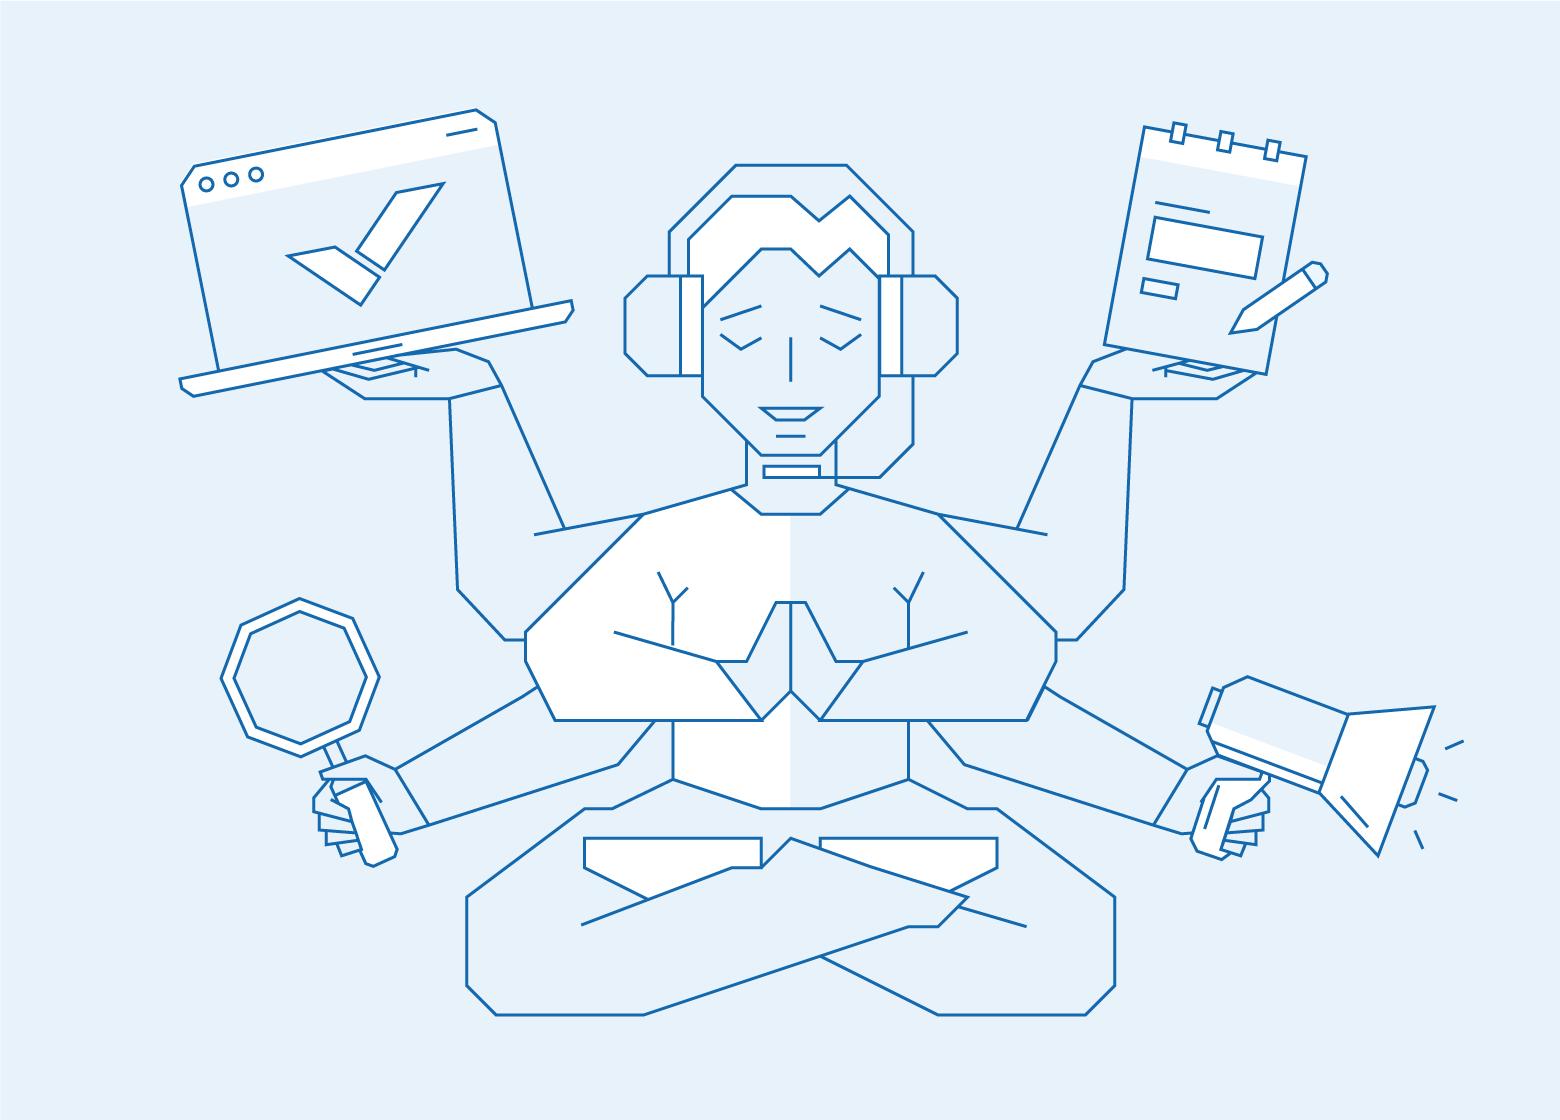 «Не думай о Саппорте свысока»: как реализовать скрытые возможности вашей службы поддержки - 1